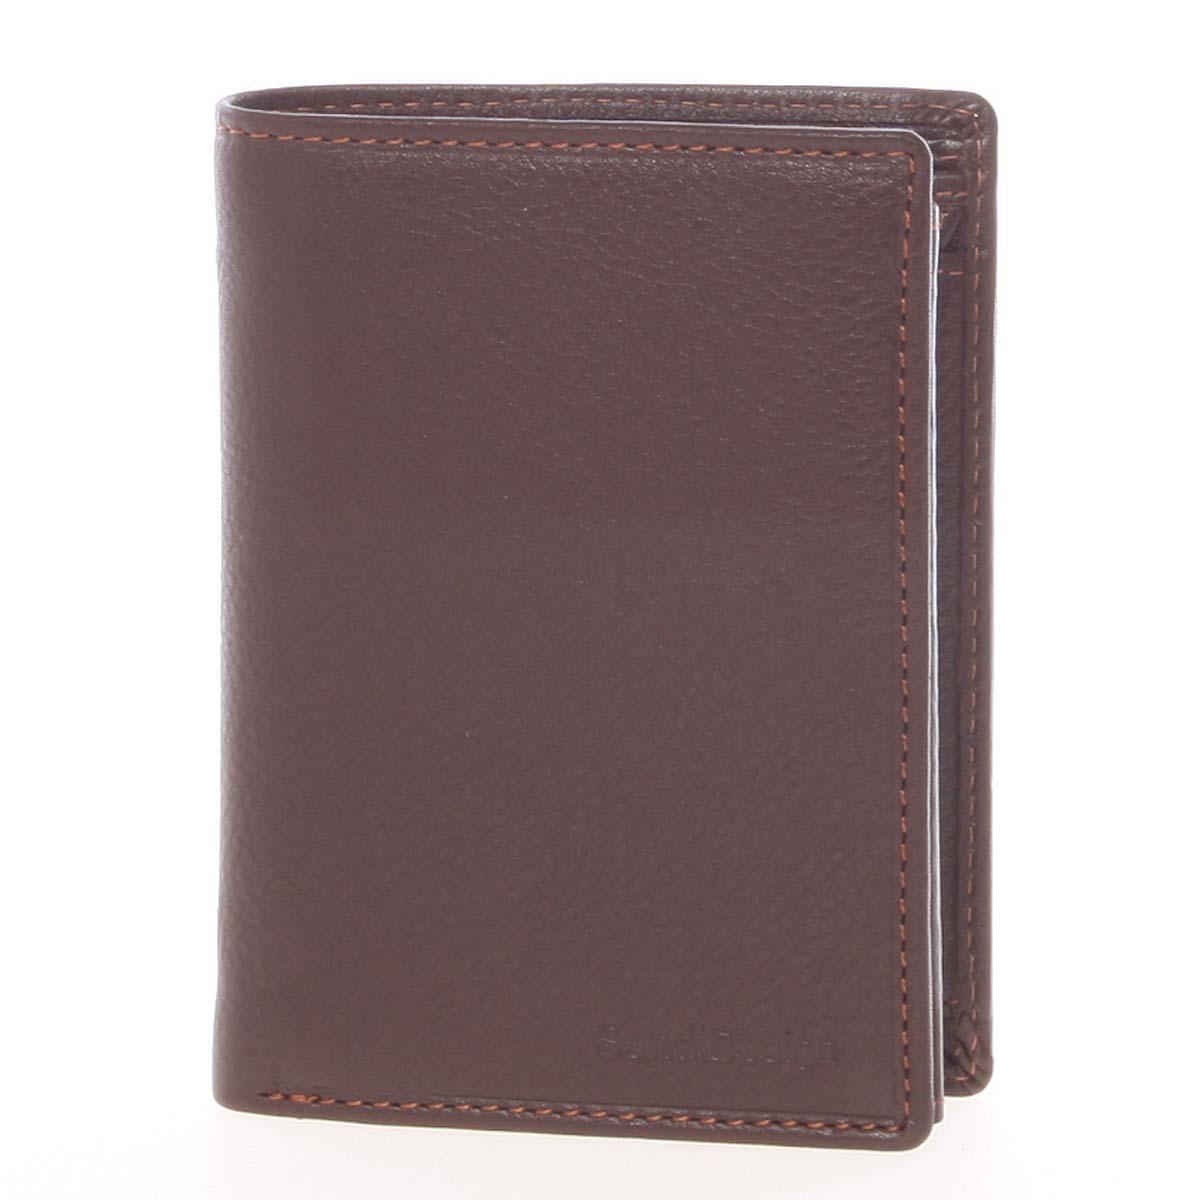 Volná pánská kožená peněženka hnědá - SendiDesign Priam